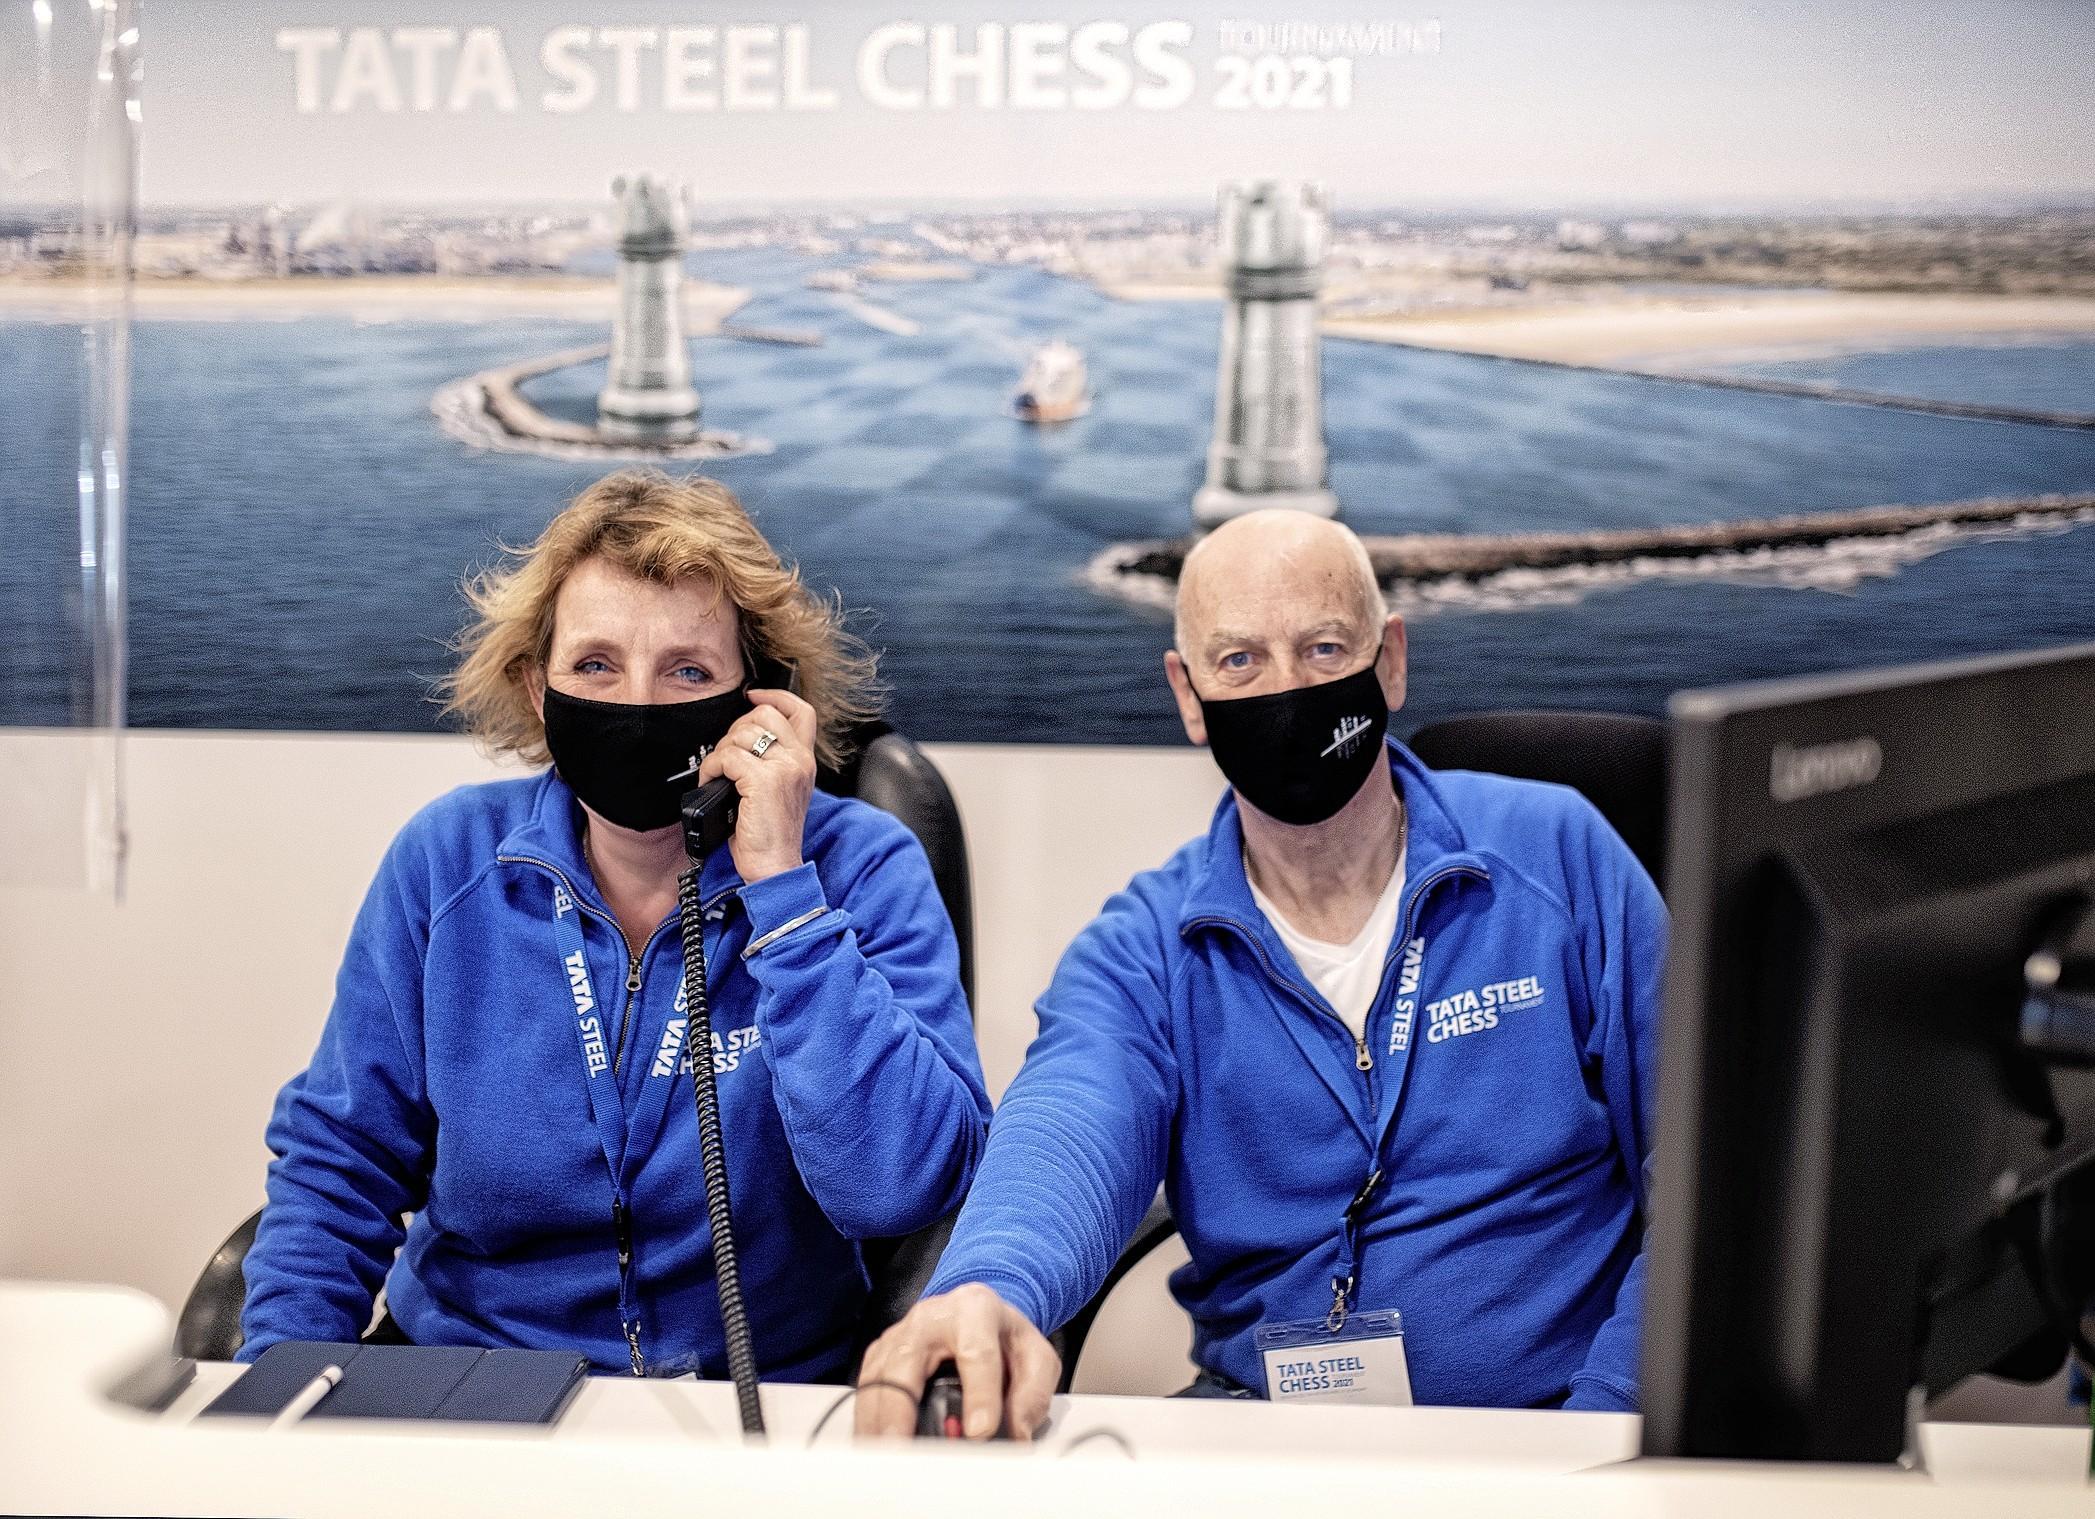 Siem Weterings en zijn vrouw Jolanda doen 'alles wat nodig is om Tata Steel Chess beter te laten verlopen.' Zo ontdekte Siem wellicht de manier om wereldkampioen Magnus Carlsen te verslaan